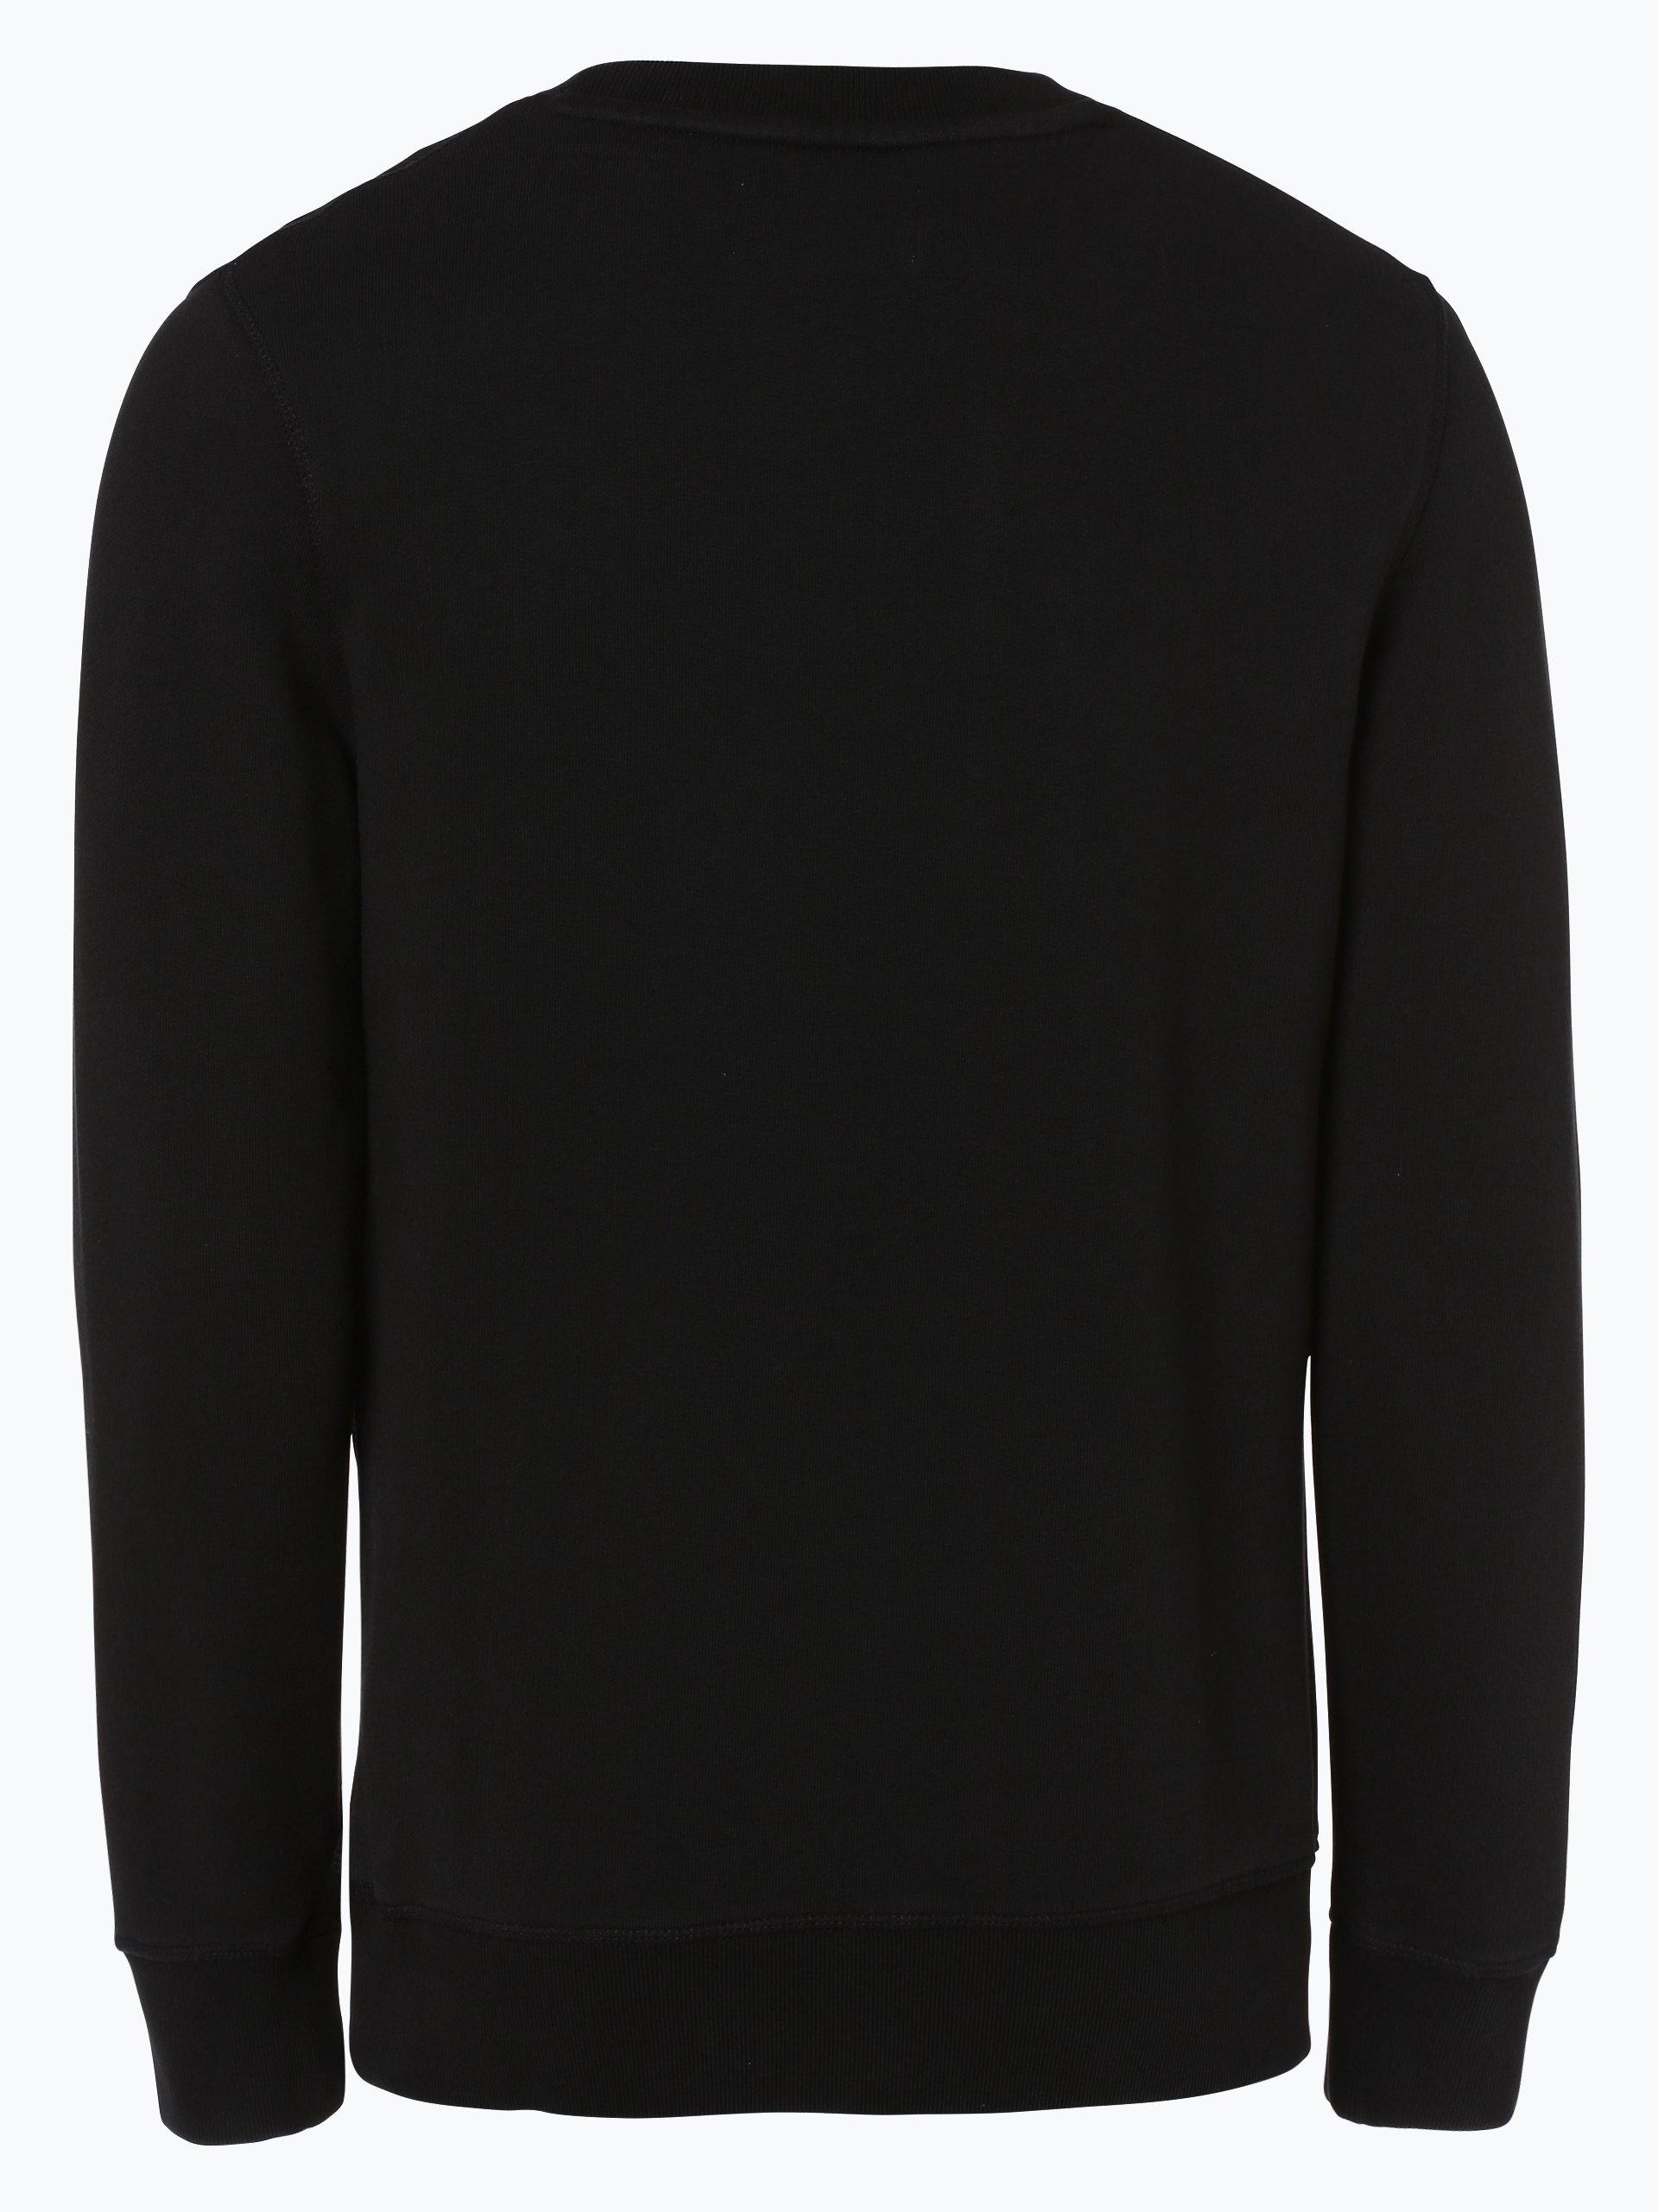 calvin klein jeans herren sweatshirt schwarz uni online kaufen vangraaf com. Black Bedroom Furniture Sets. Home Design Ideas